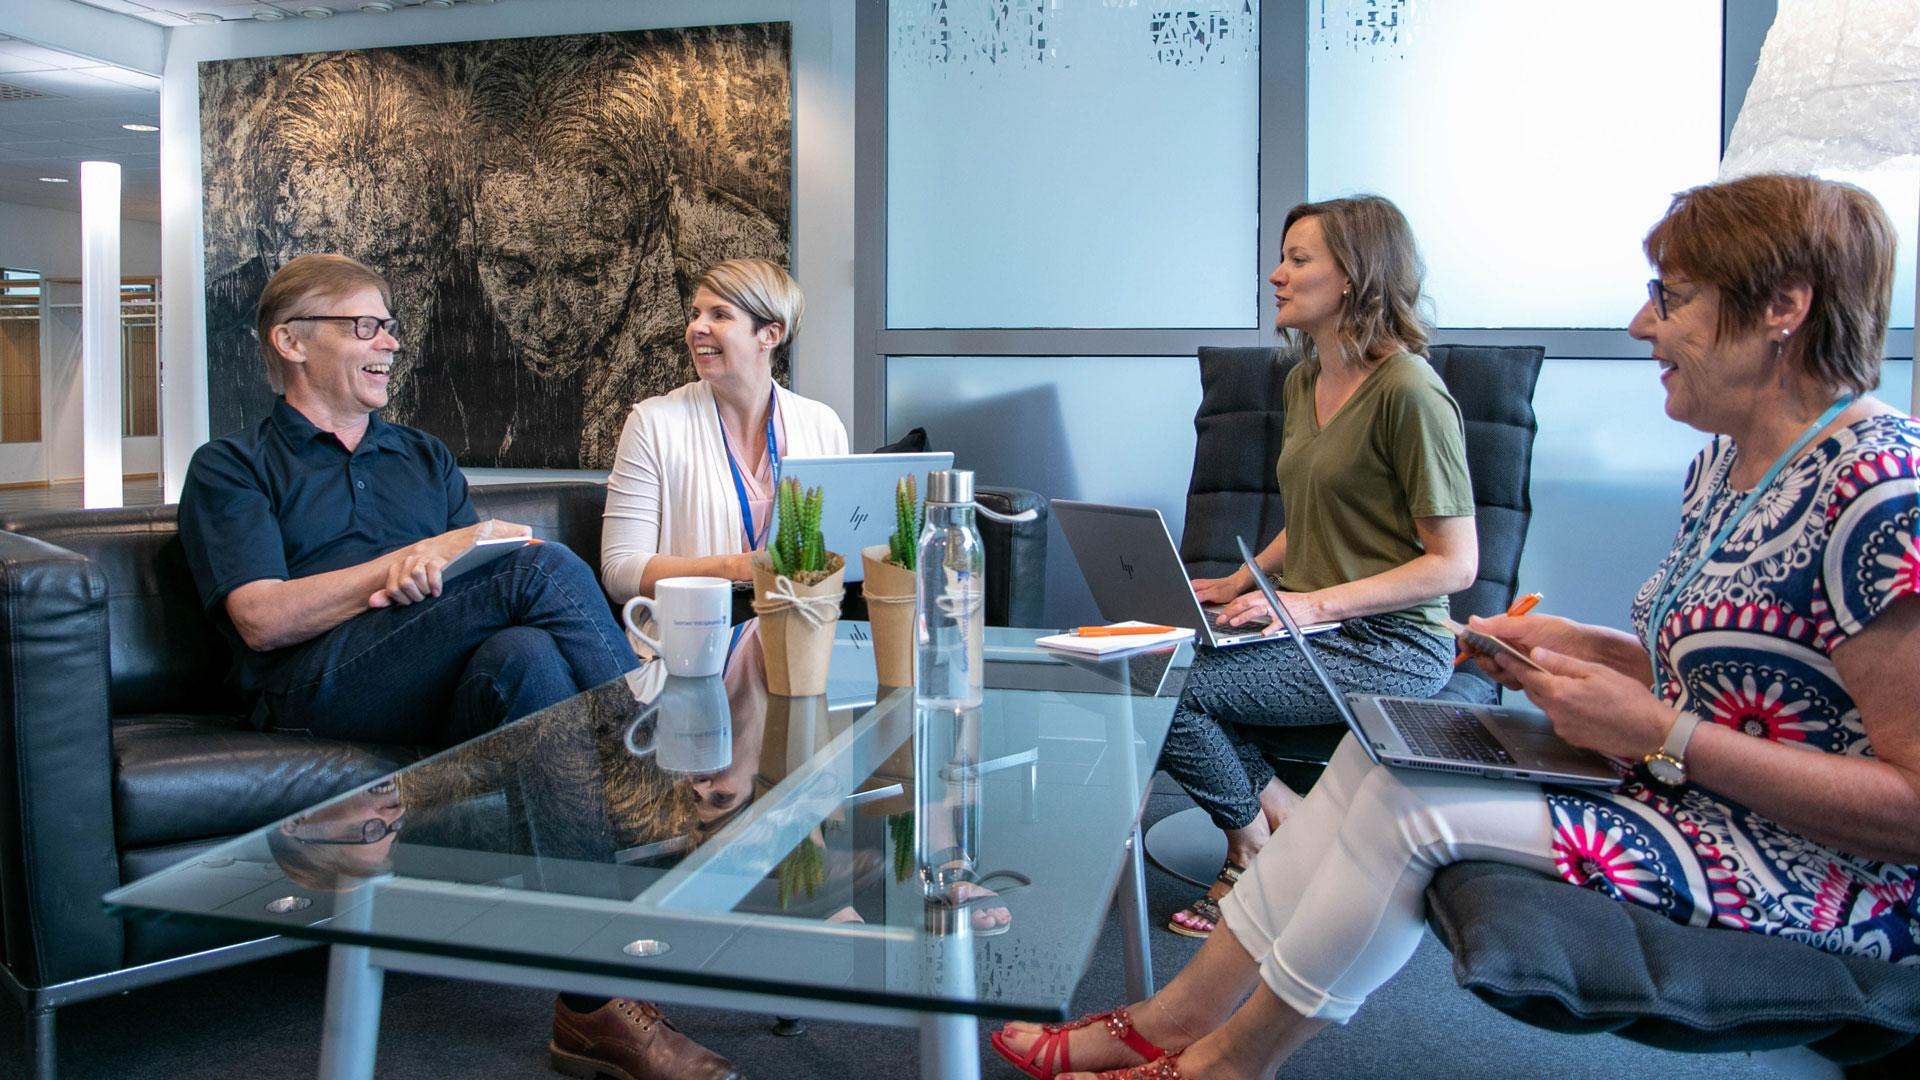 Kuntapäättäjät pöydän ääressä keskustelemassa ja opiskelemassa. Pöydällä kannettava tietokone.